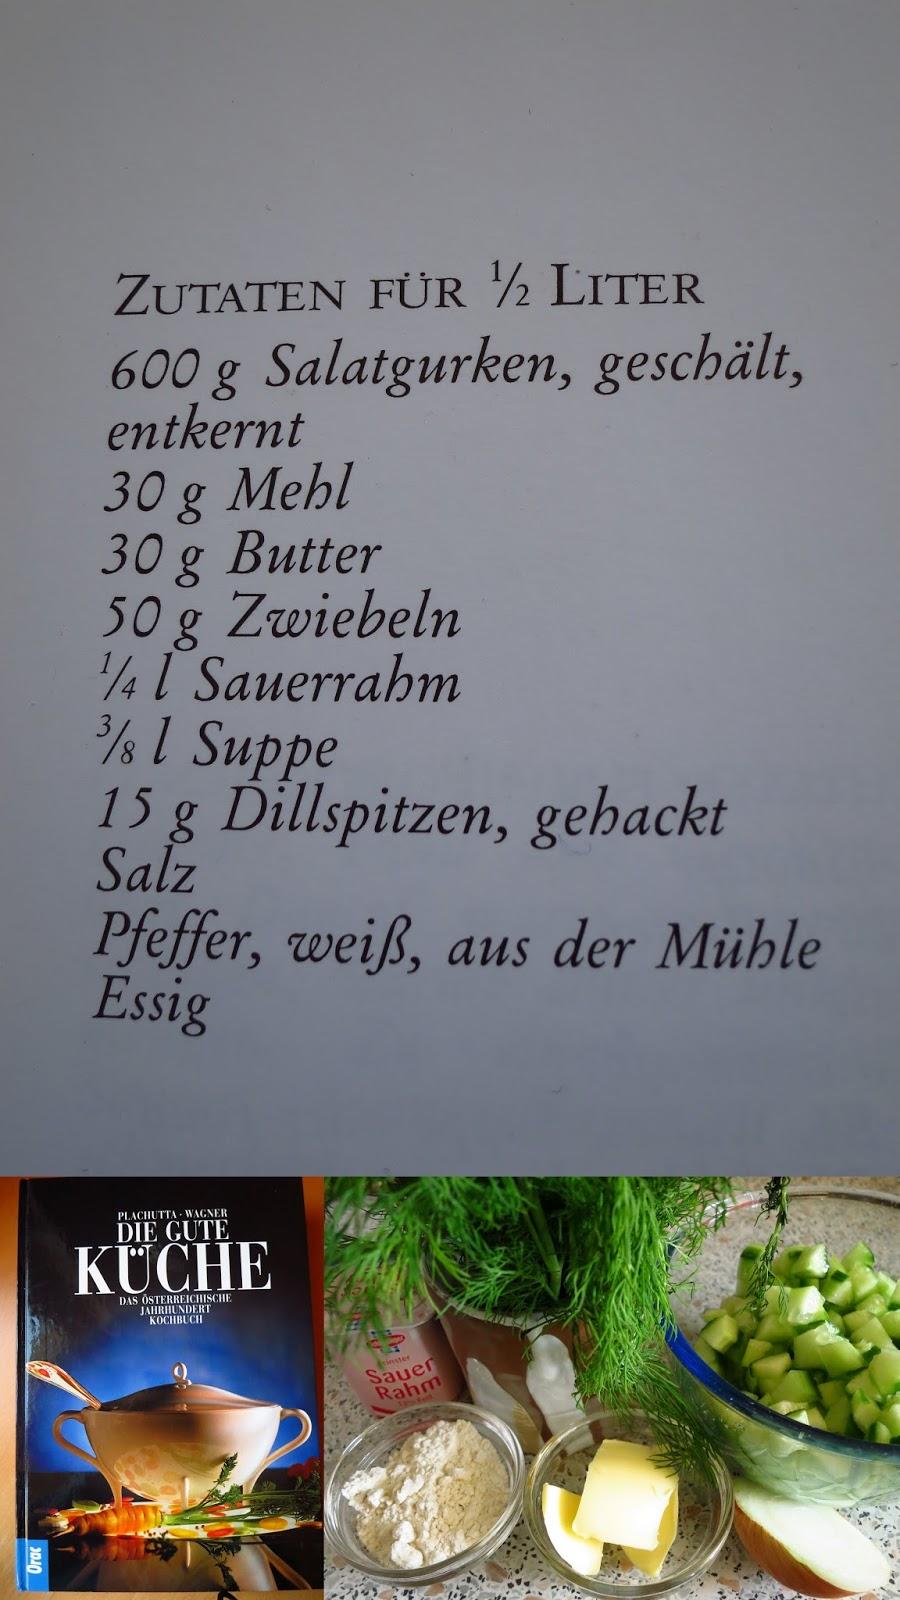 fliederbaum: #wirrettenwaszurettenist: gurkensauce zum rindfleisch - Plachutta Die Gute Küche